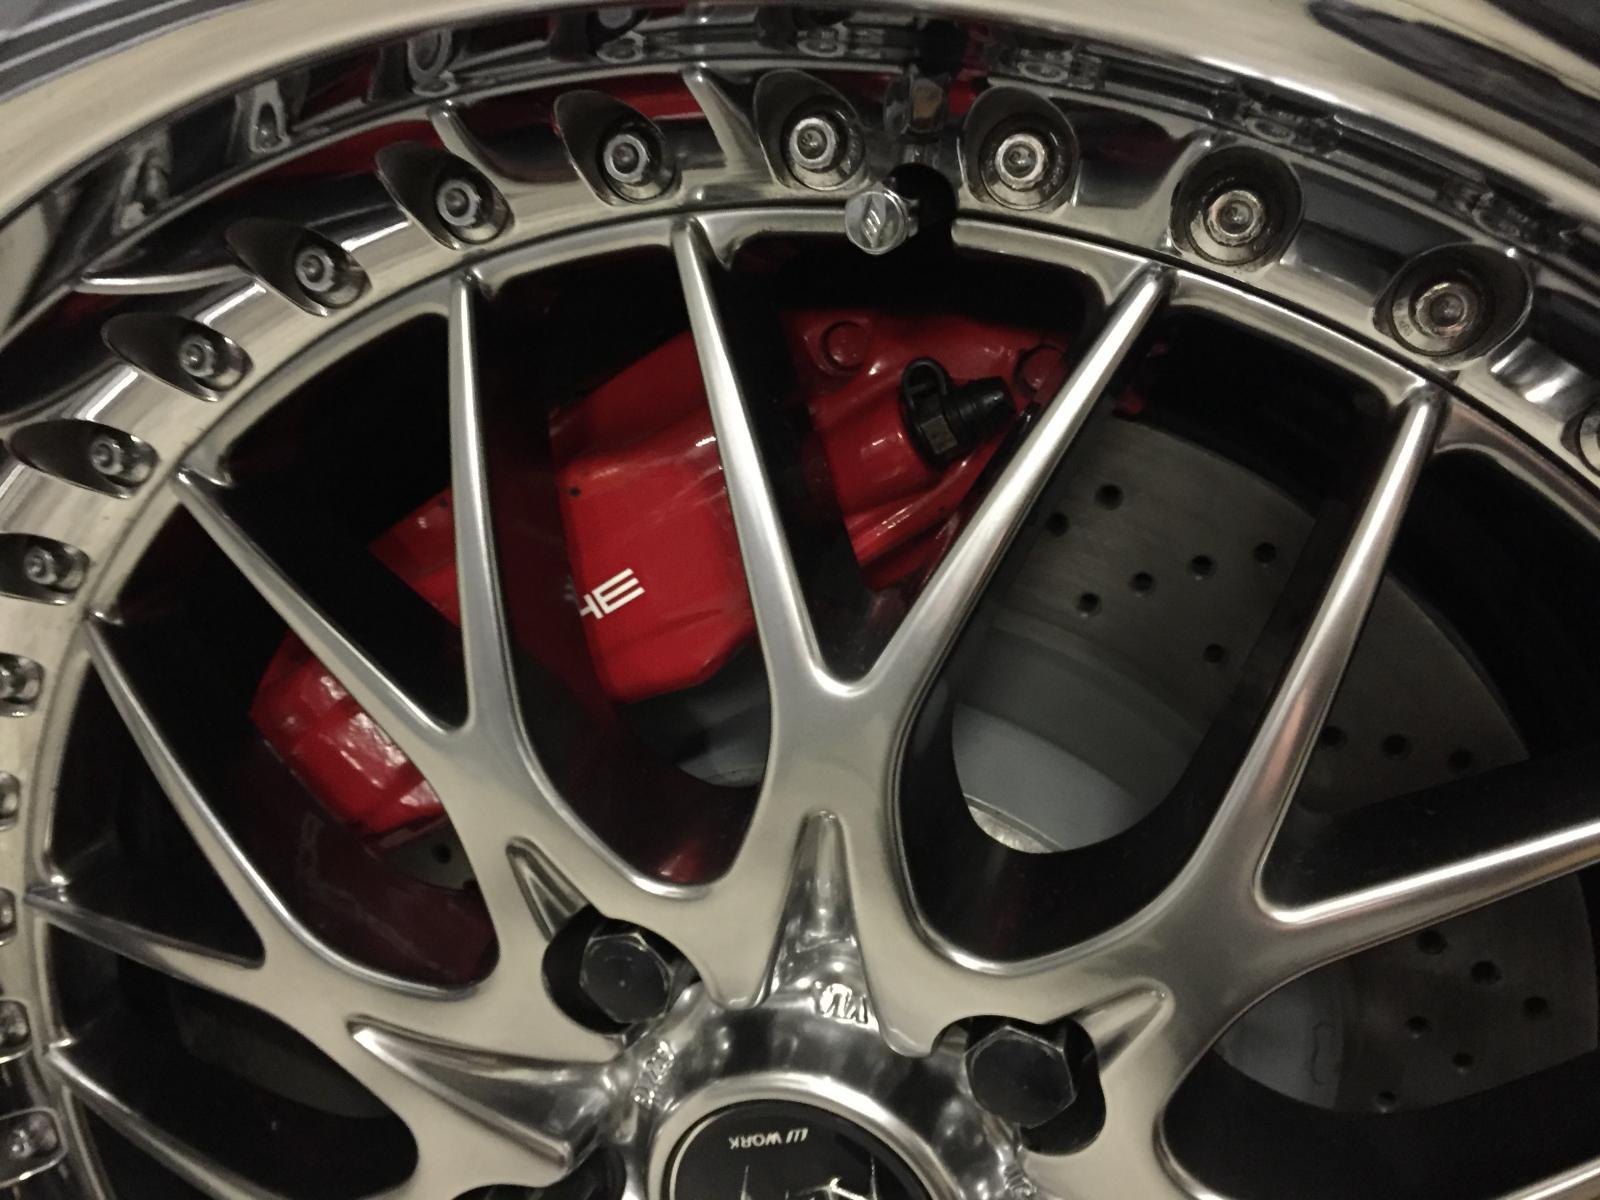 Neue Bremsscheiben... Rote Bremssätel